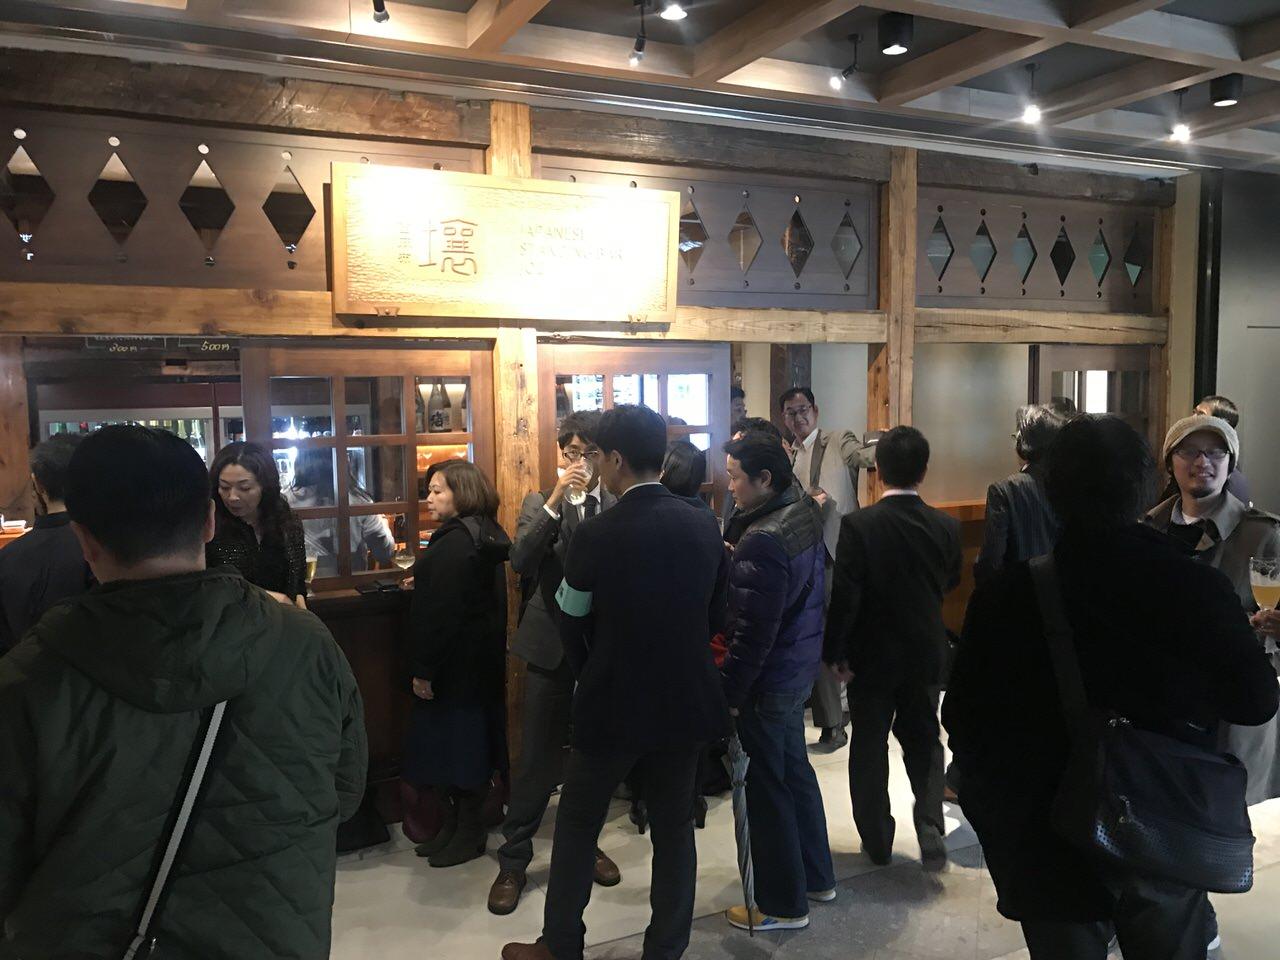 和風スタンディングバー「壌 大手町」2月23日オープン!大手町なのに食事もお酒も300円から!